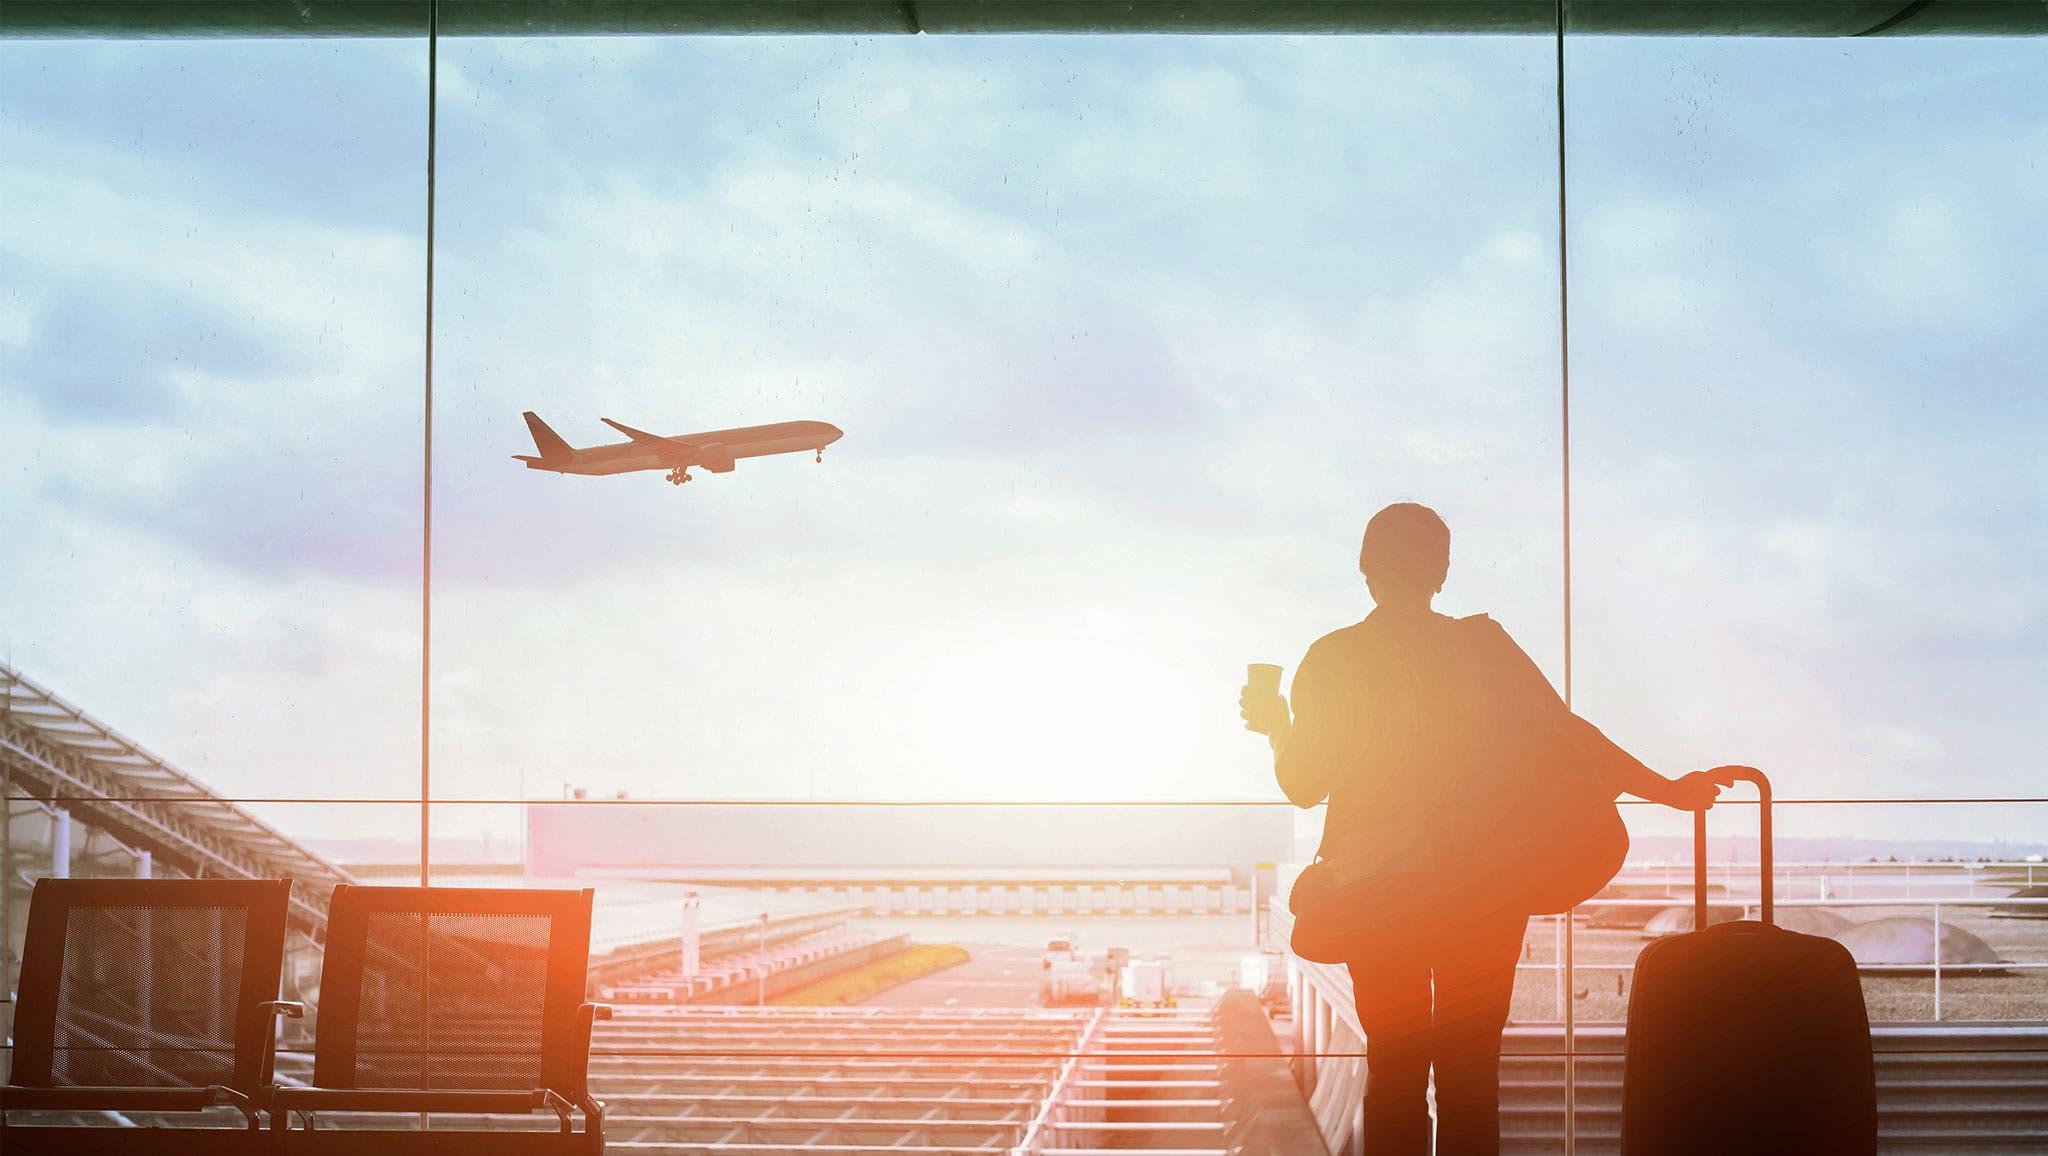 HEADER FLIGHT